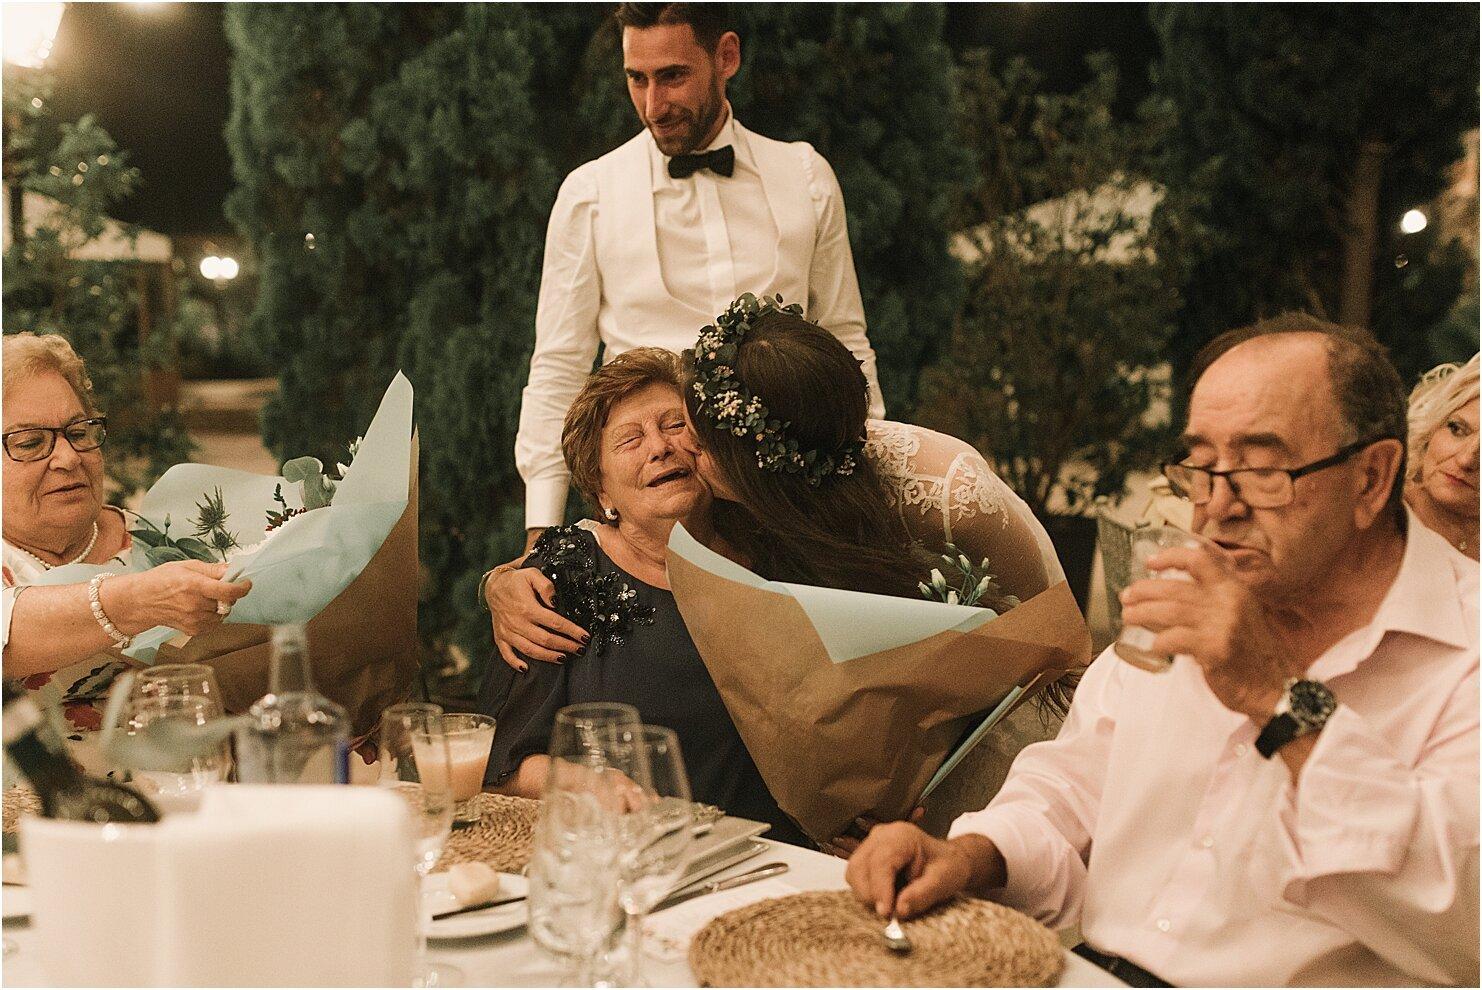 boda-romantica-boda-boho-vestido-de-novia-laura-lomas84.jpg